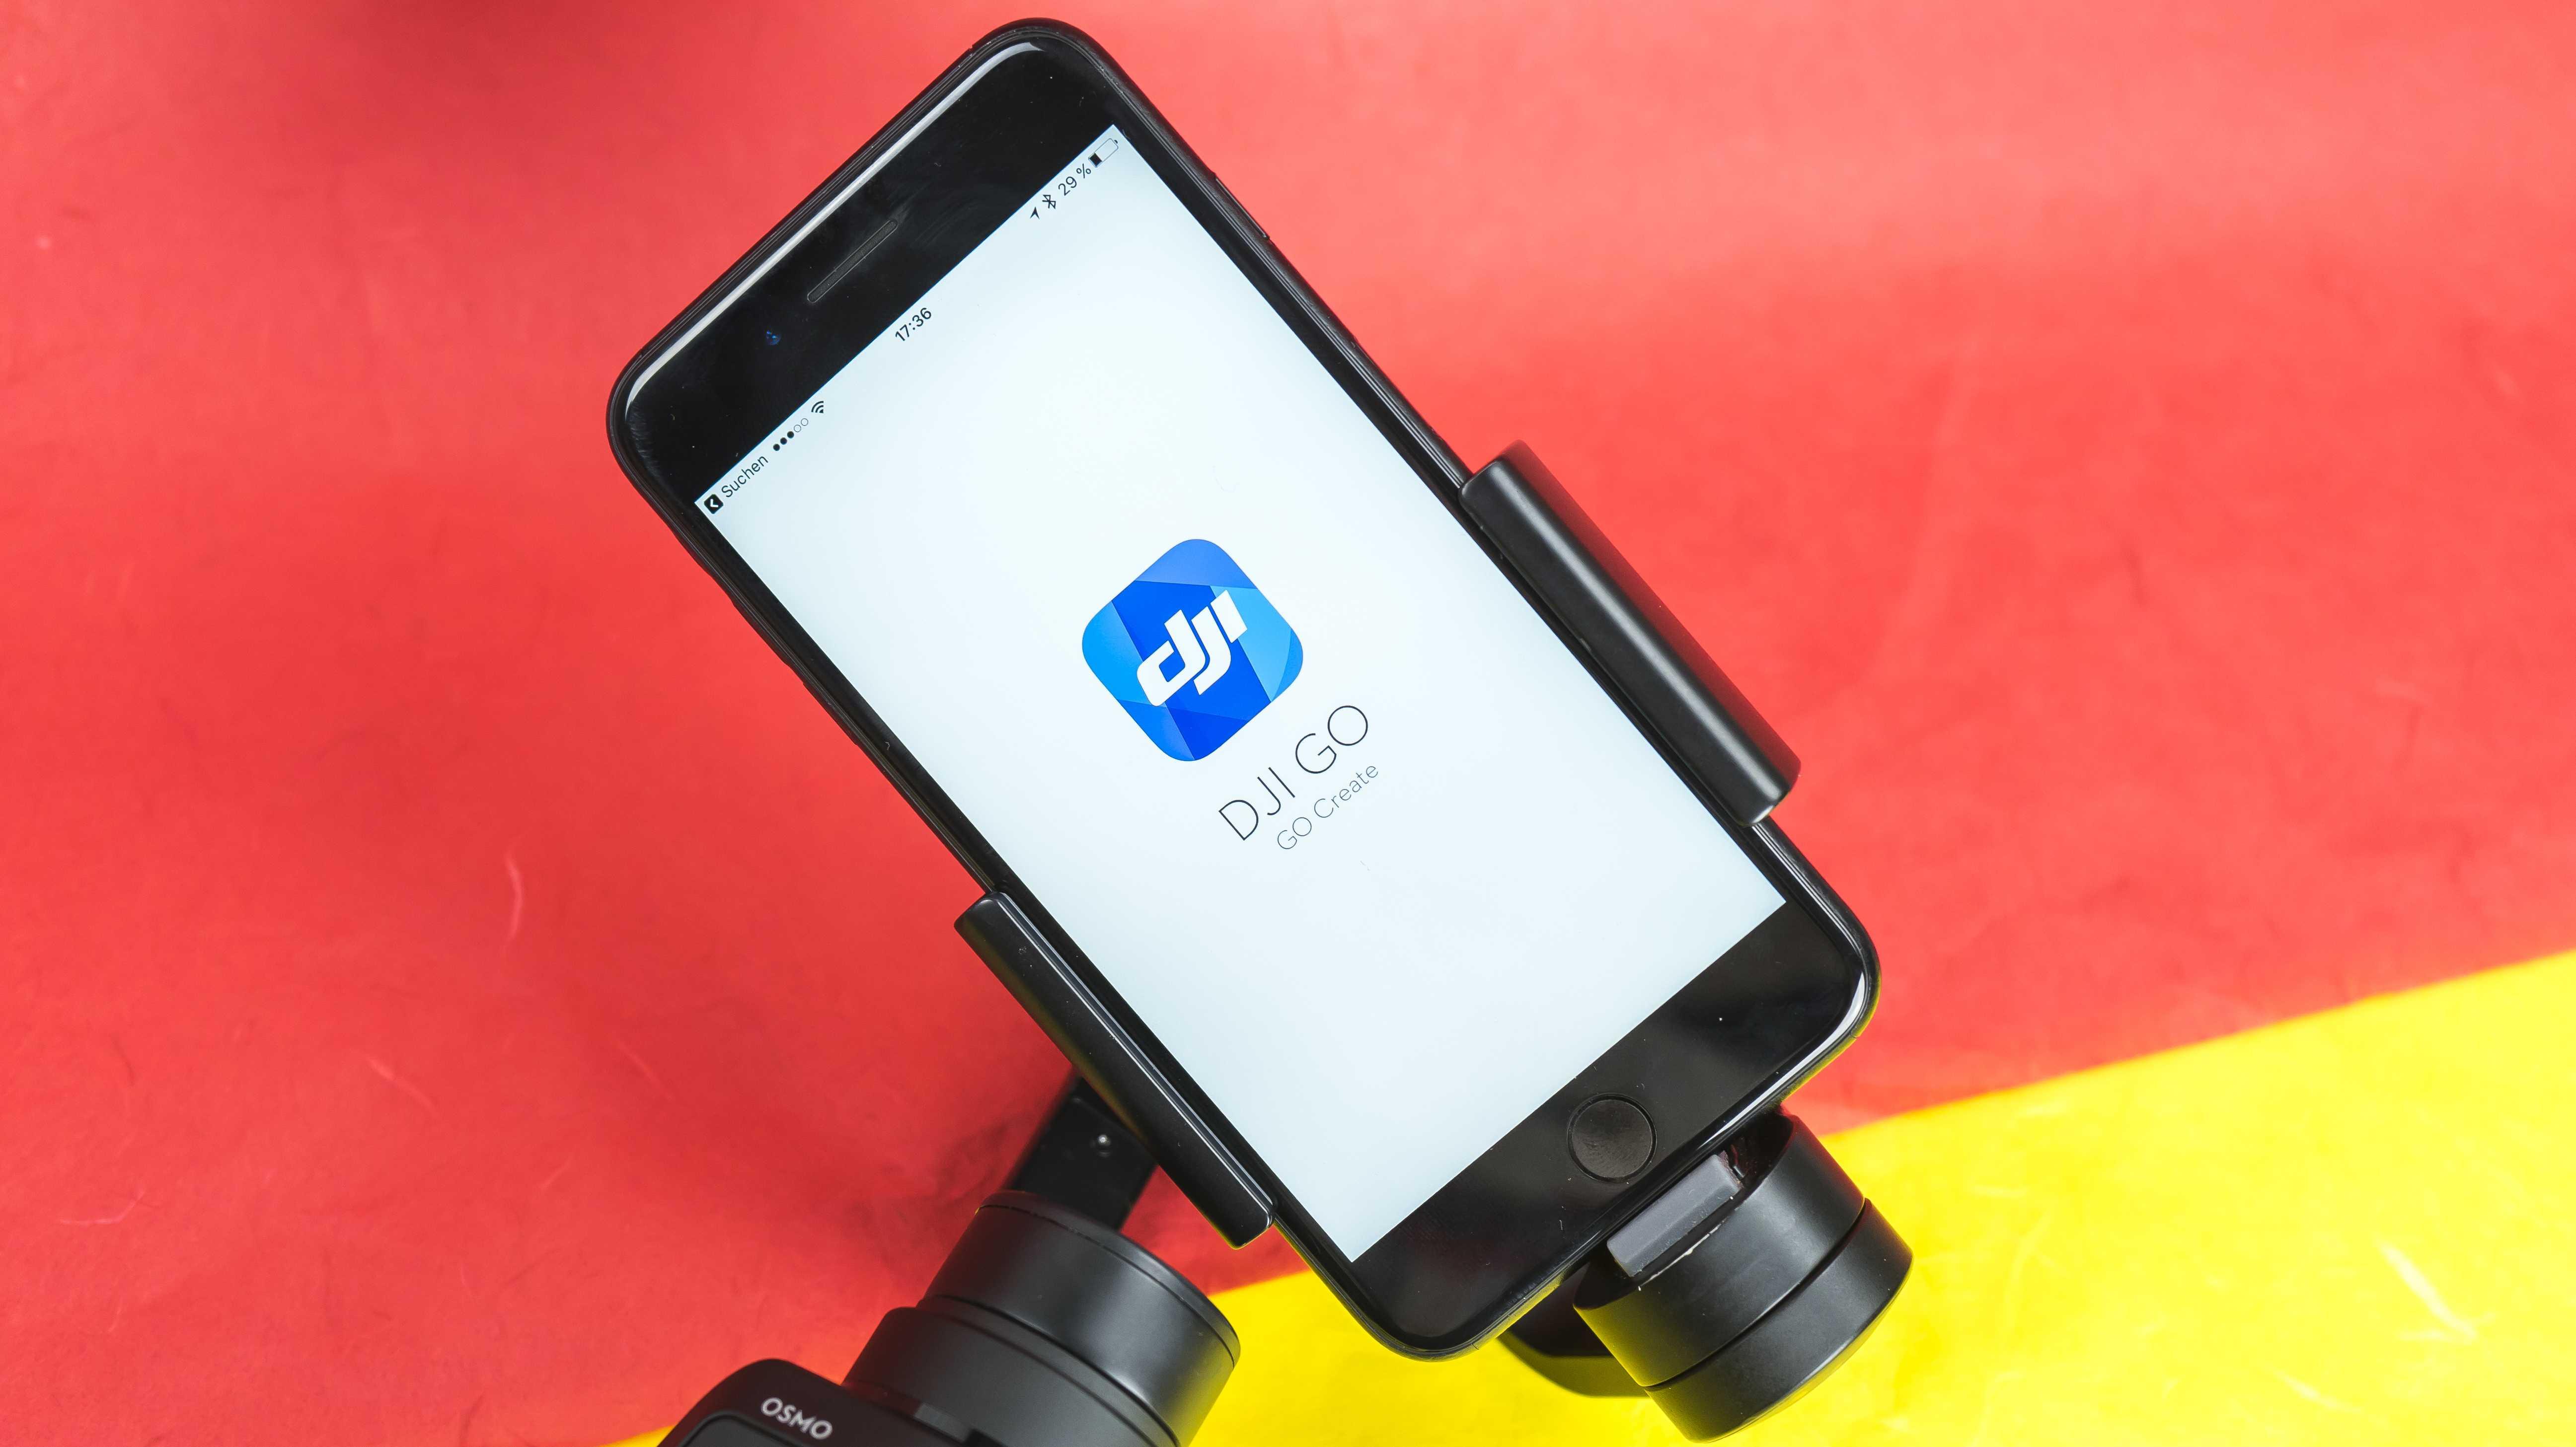 Marktübersicht: Smartphone-Gimbals im Vergleich